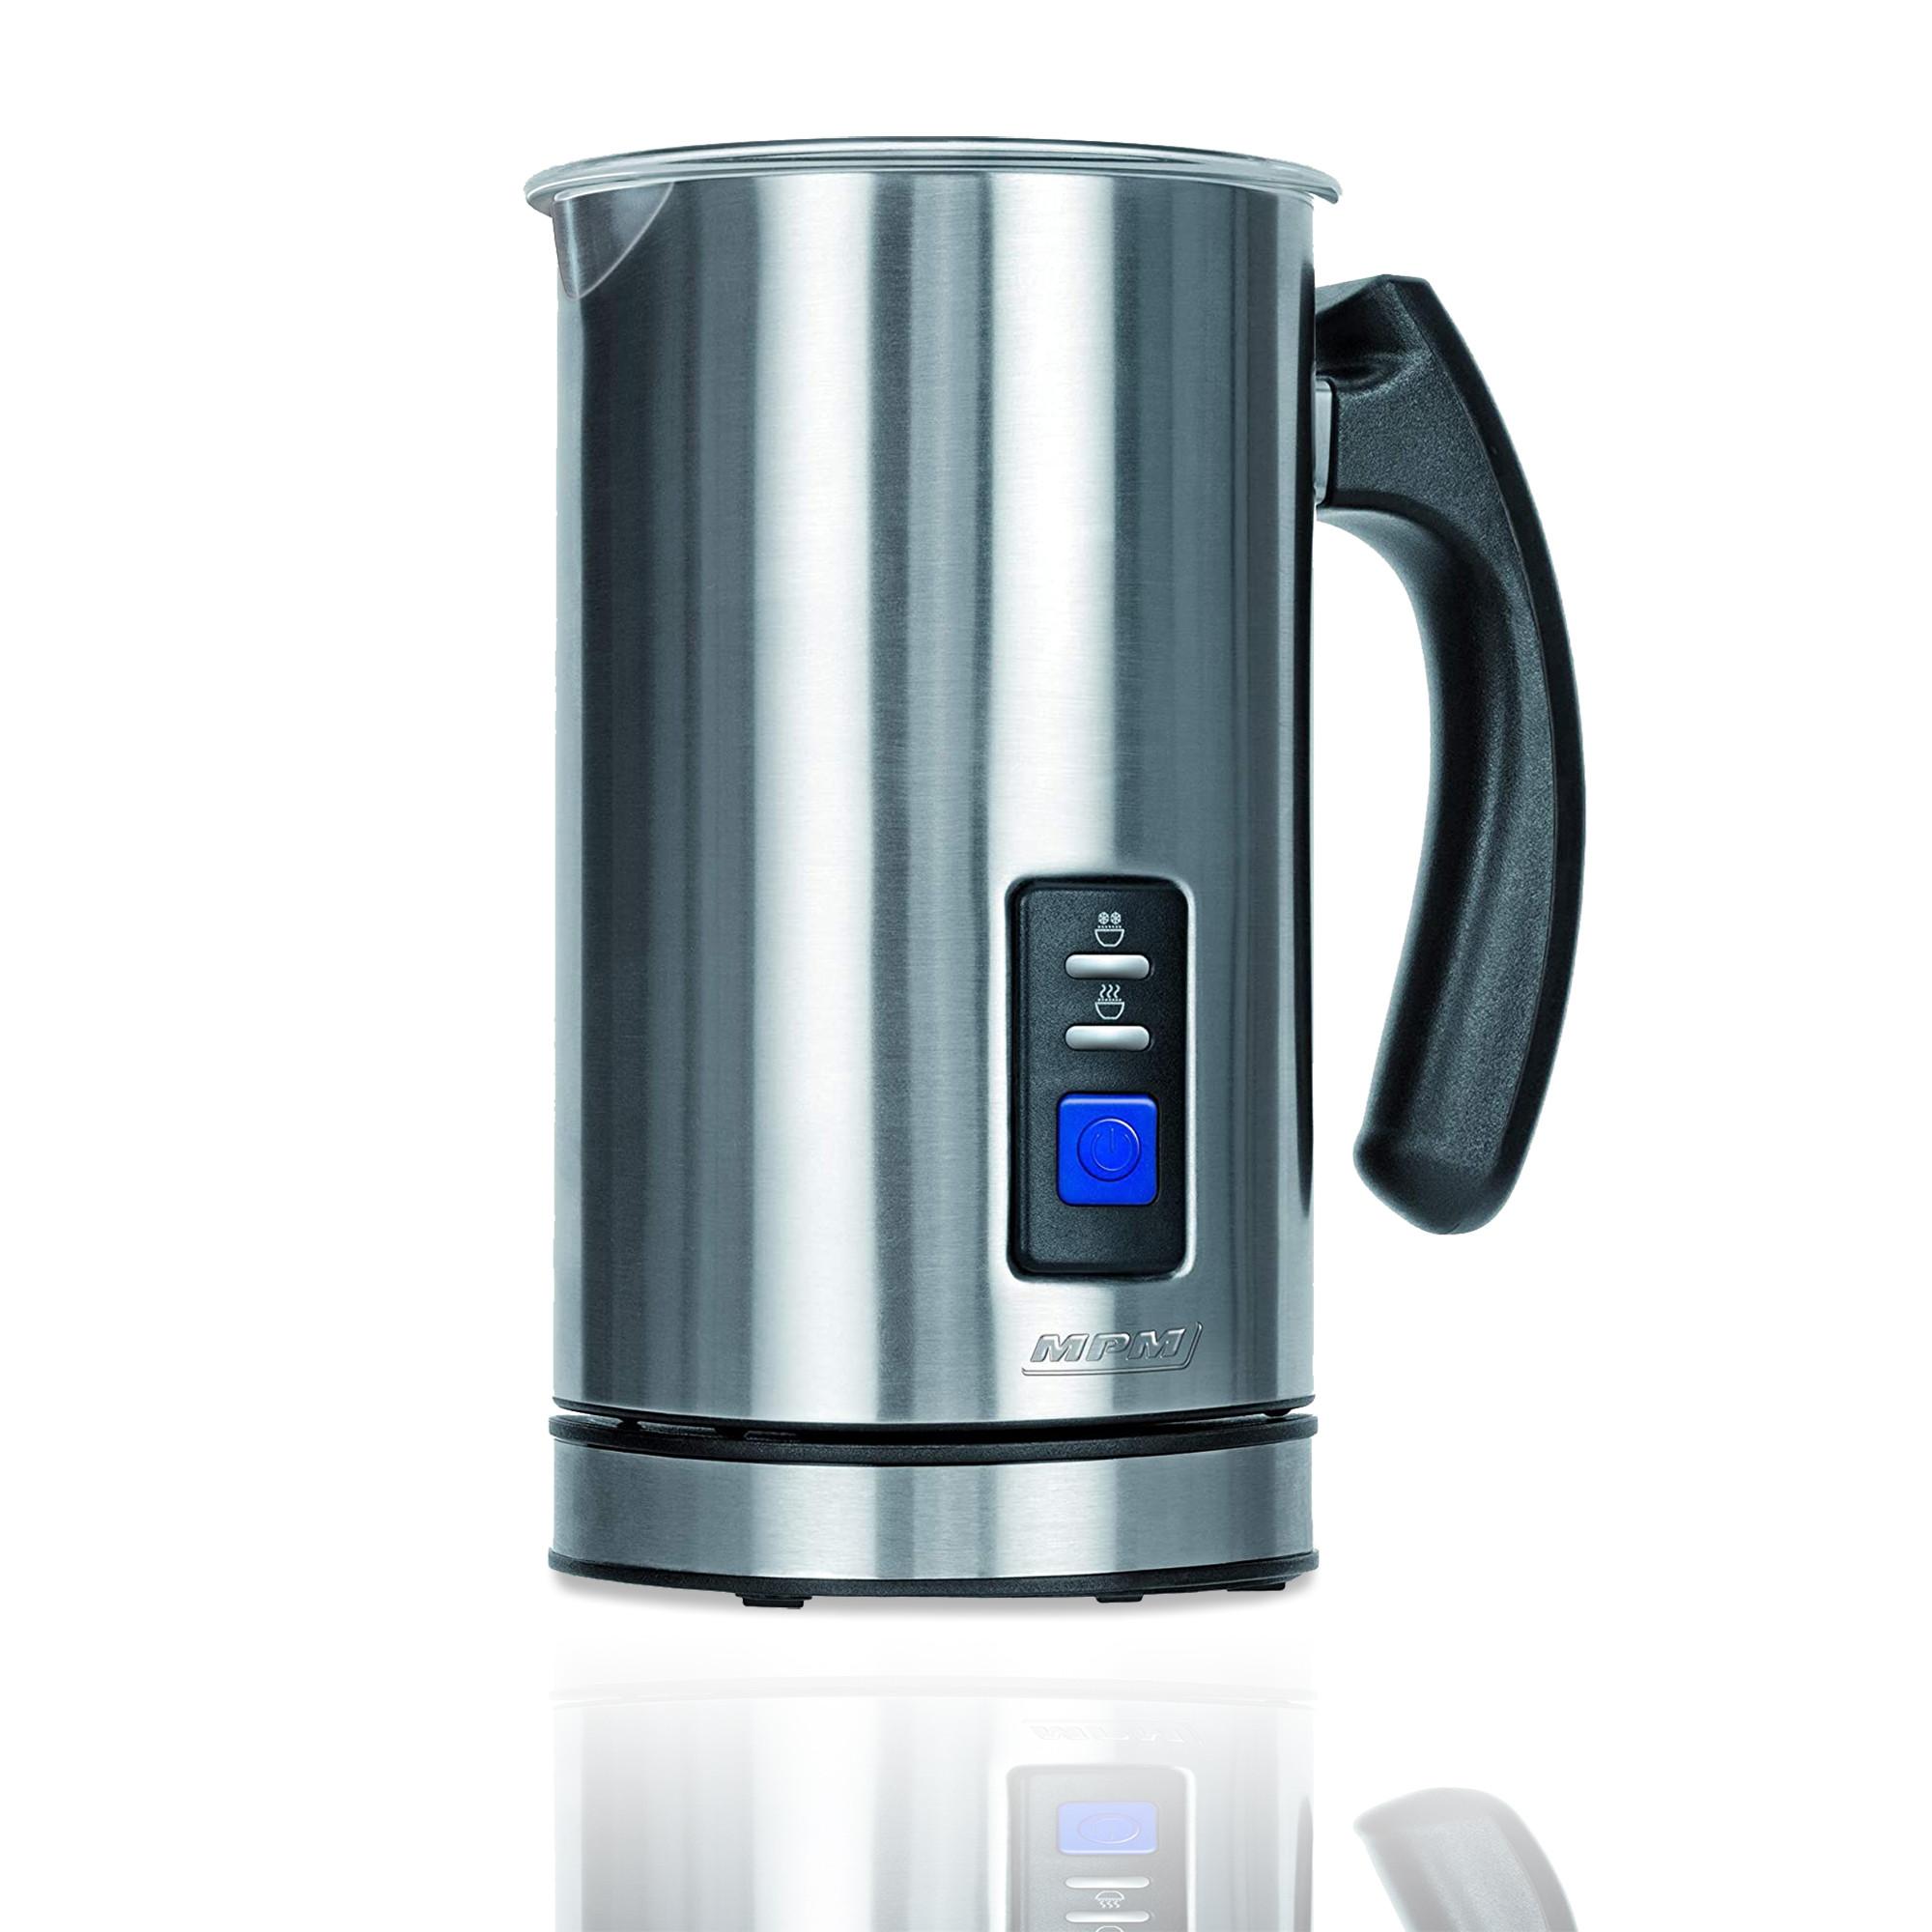 MPM MKW-03M Espumador de Leche Automático Batidor de leche Eléctrico 500W Vaporizador y Calentador Leche 500 ml Hace Espuma en Caliente/Frío, Tapa Transparente, Acero Inoxidable